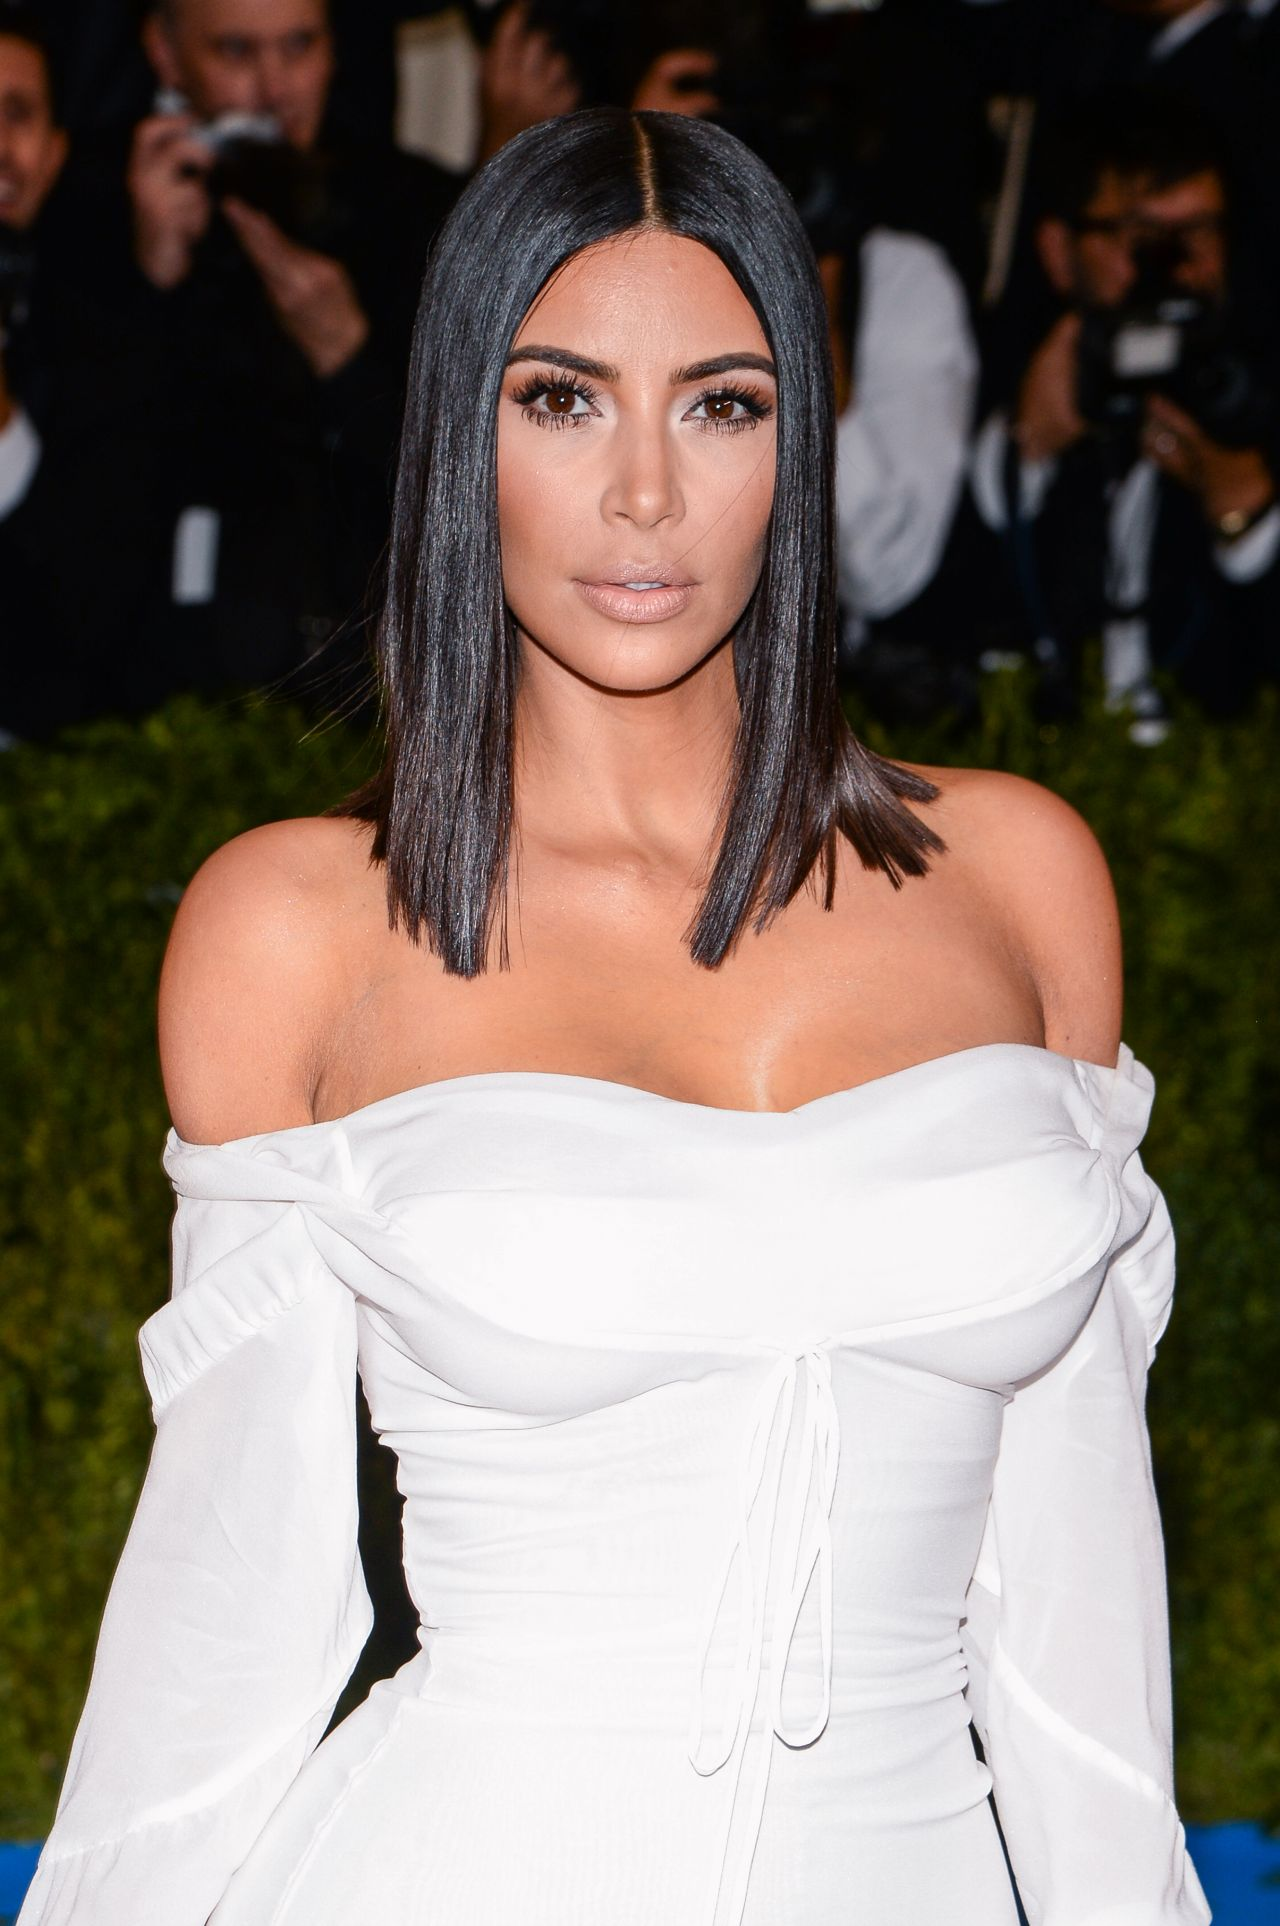 Kim Kardashian At Met Gala In New York 05 01 2017